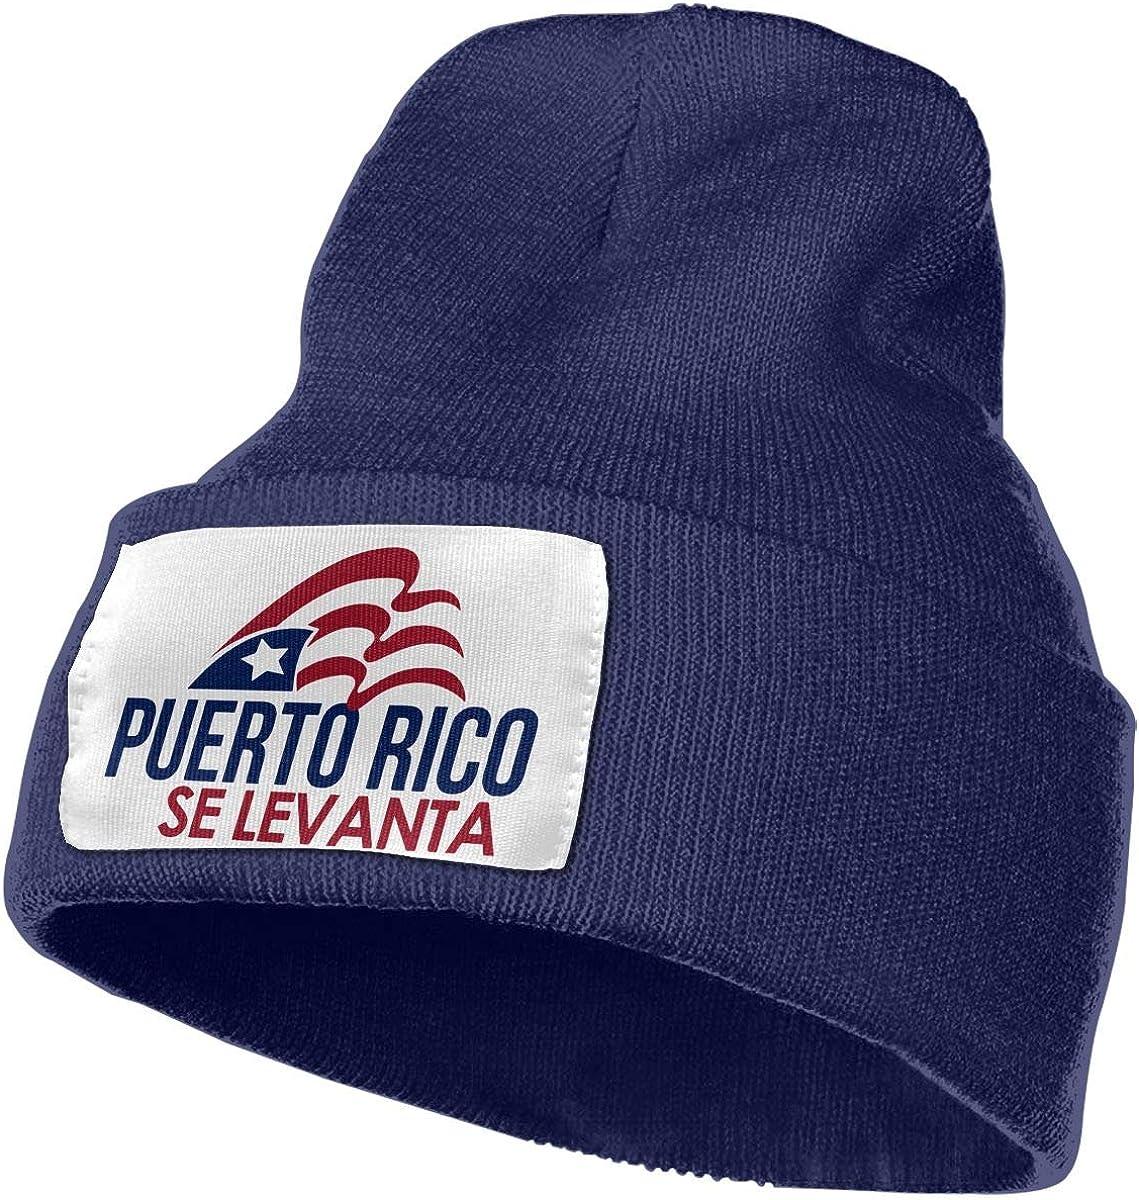 Puerto Rico Se Levanta 1 Women and Men Skull Caps Winter Warm Stretchy Knit Beanie Hats